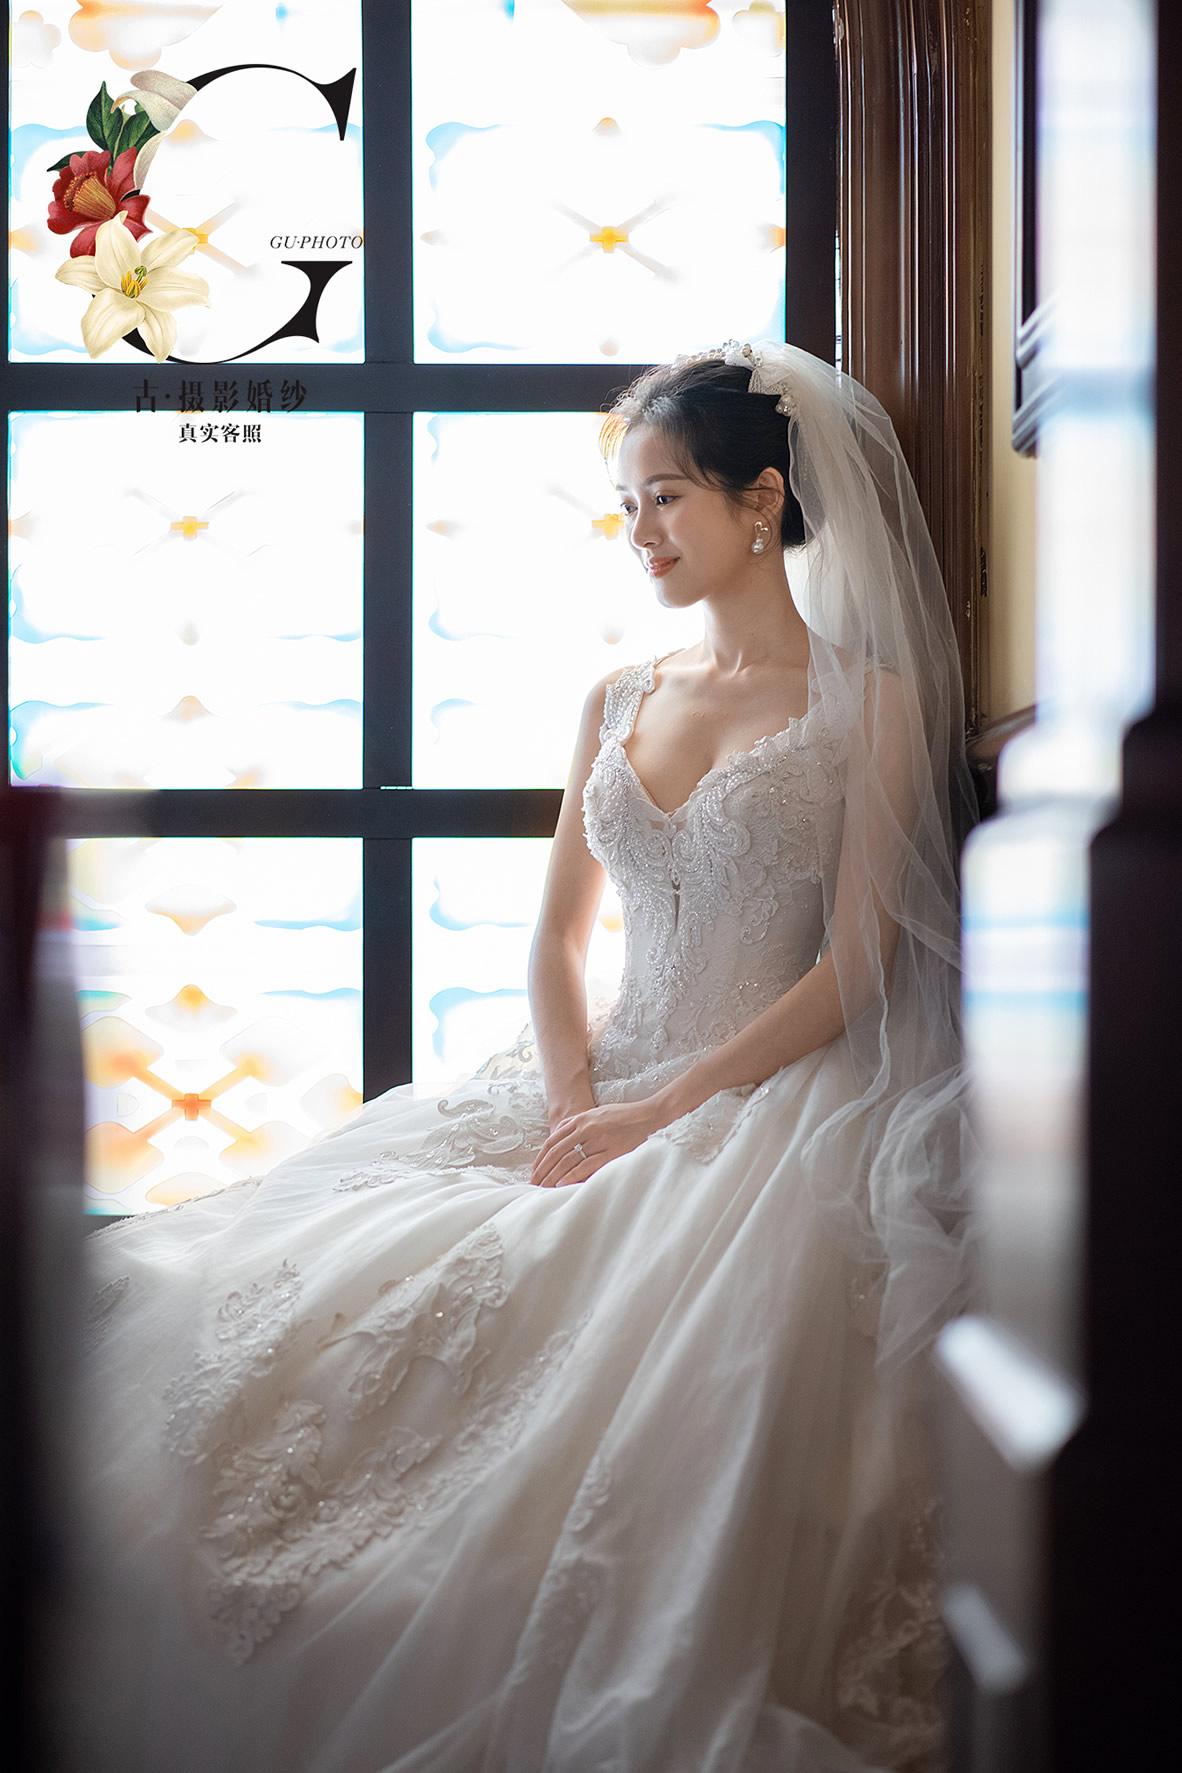 杨先生 潘小姐 - 每日客照 - 广州婚纱摄影-广州古摄影官网